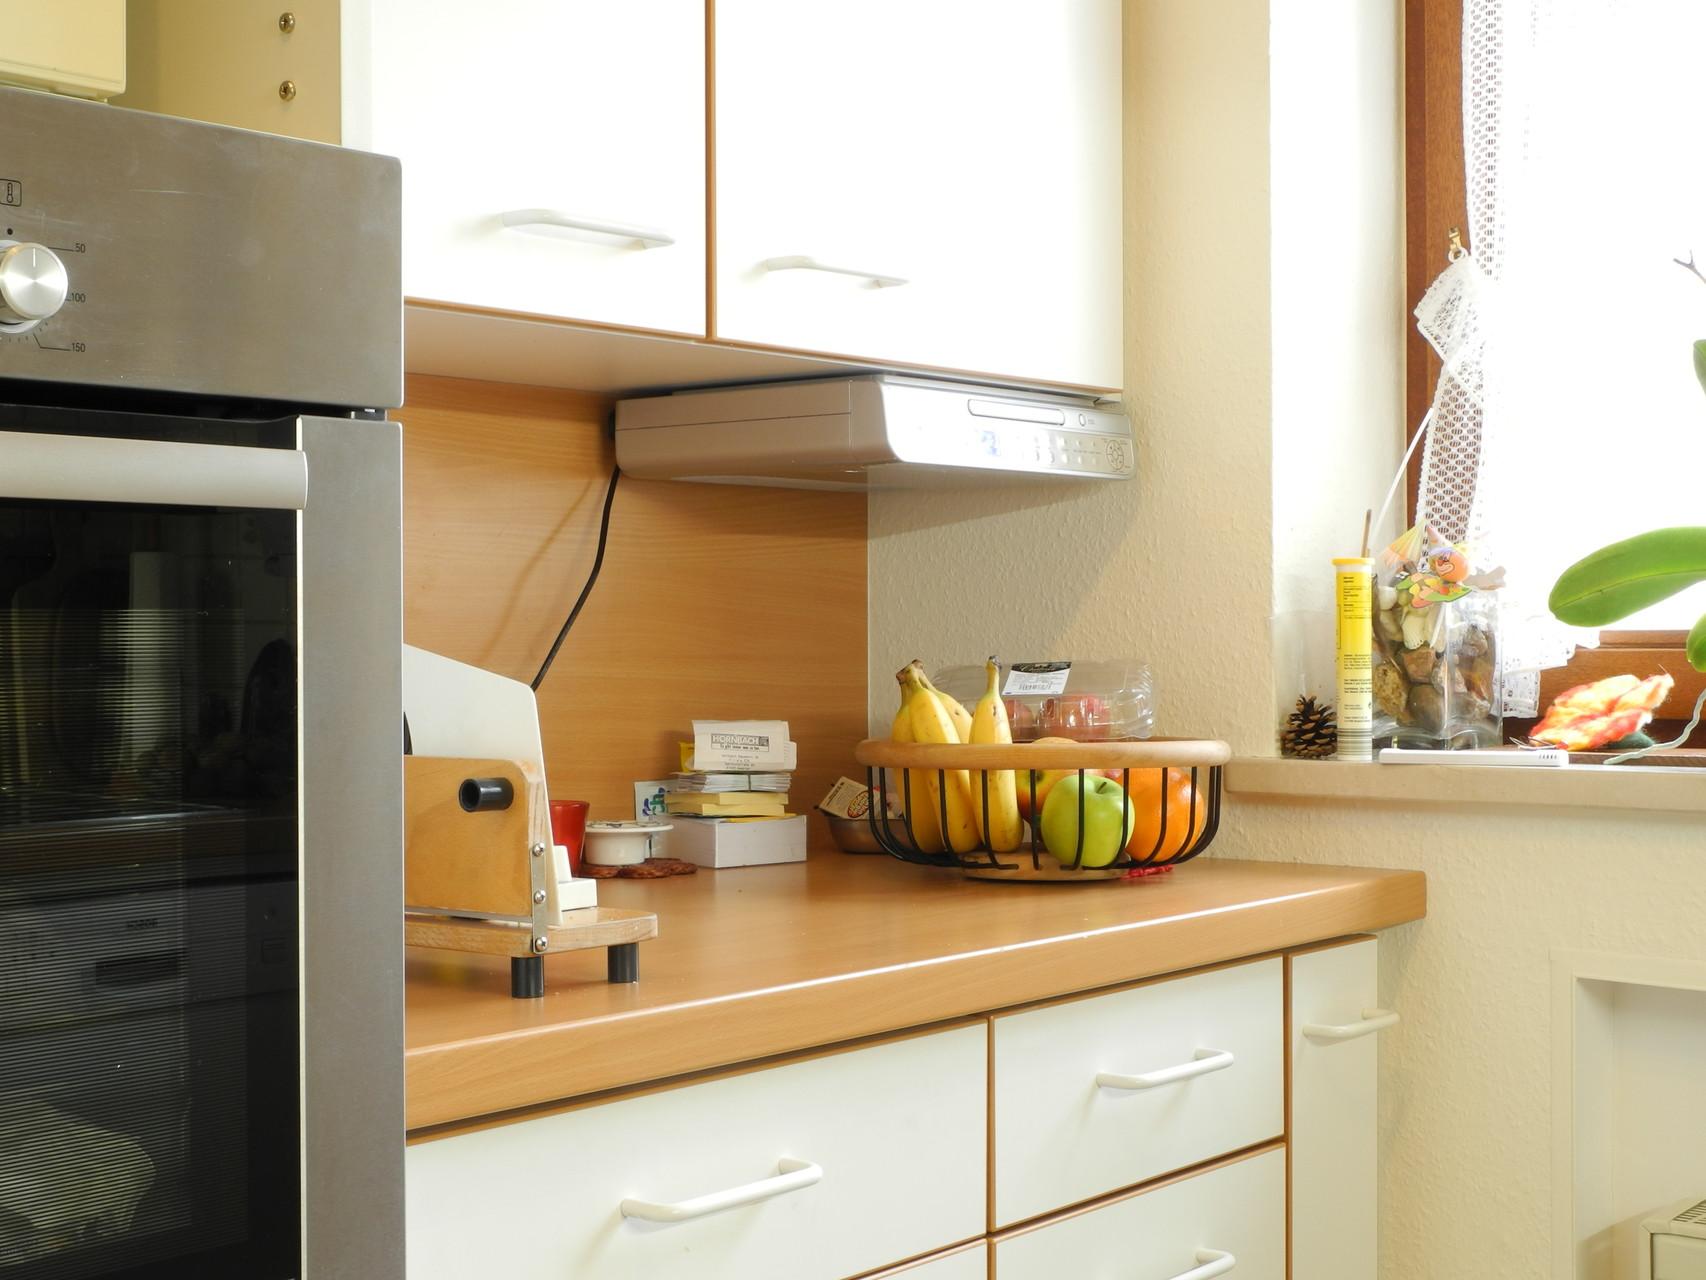 Arbeitsbereich einer Küche